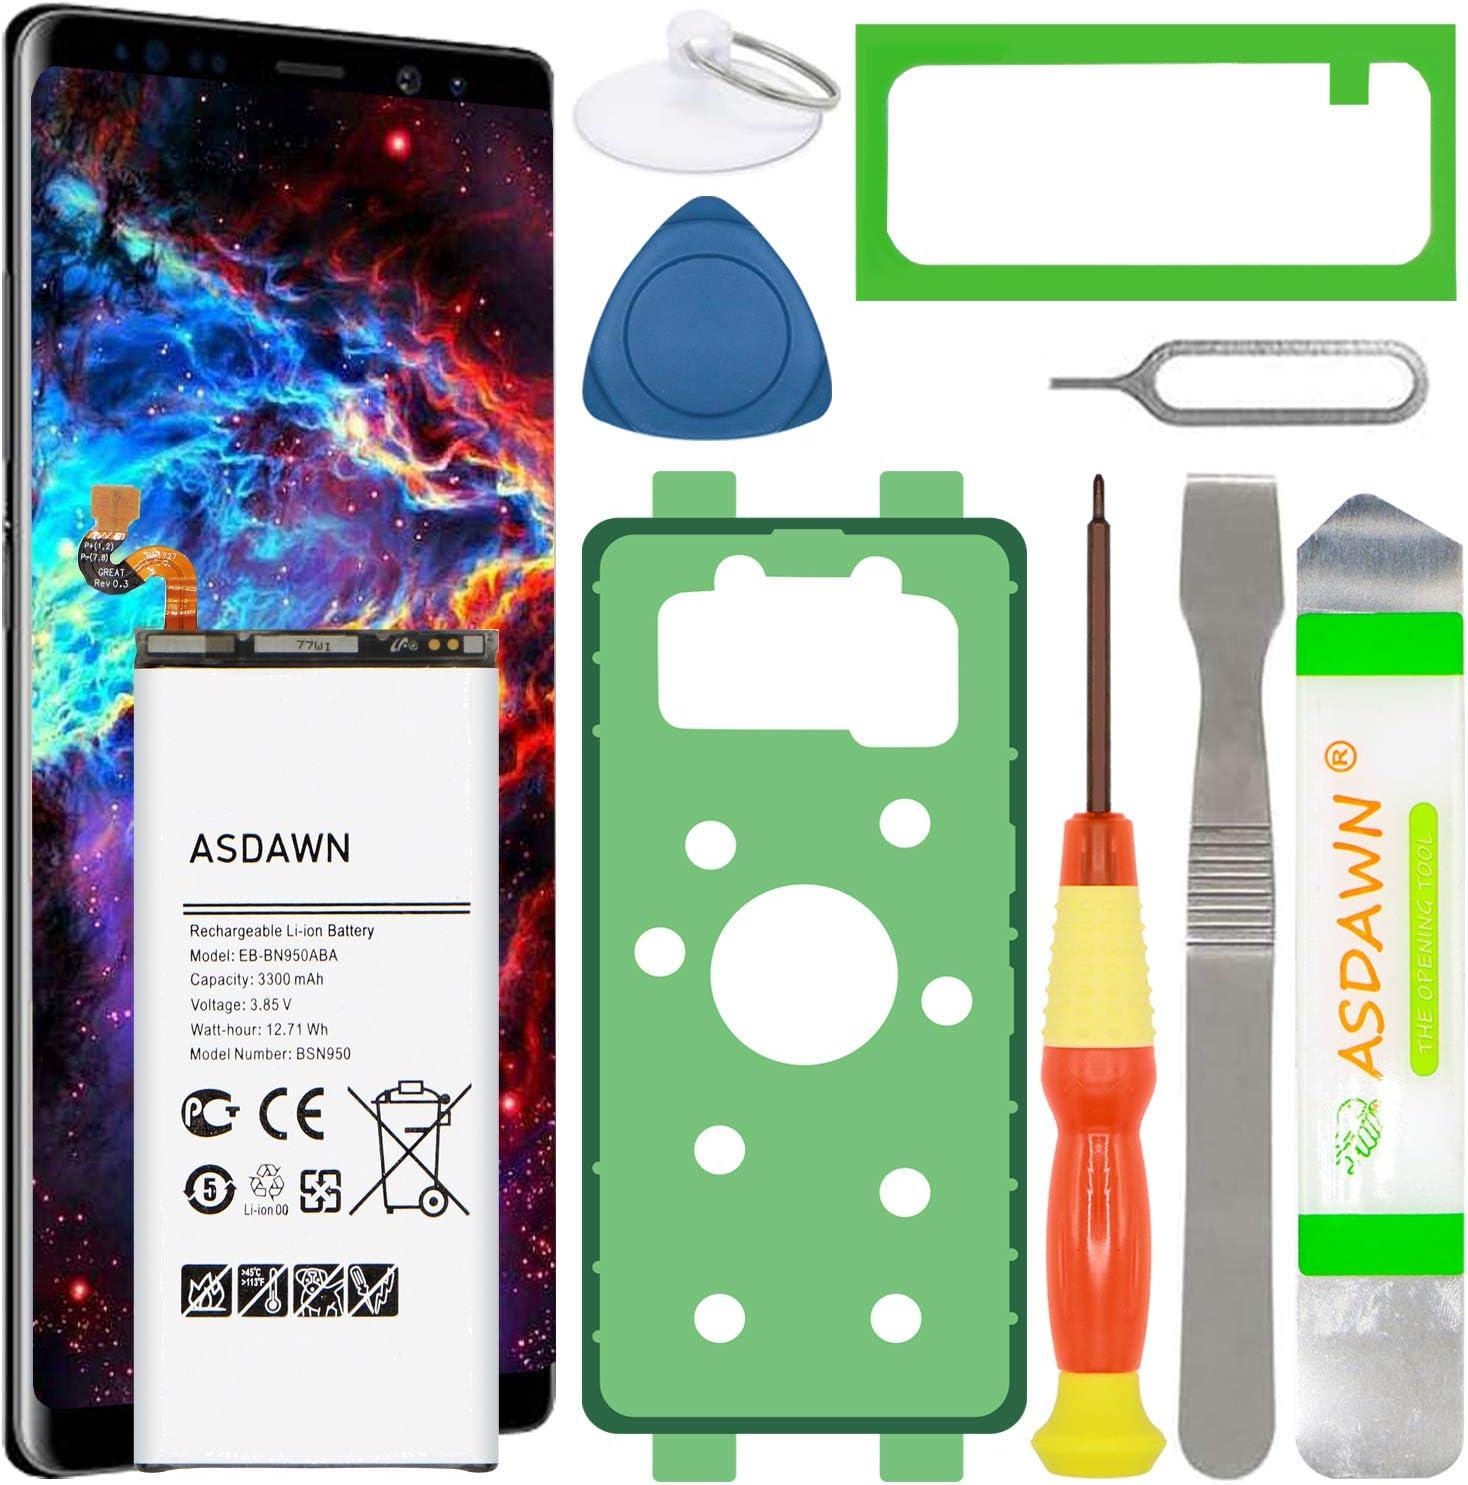 bateria de repuesto y herramientas Galaxy Note 8 N950U